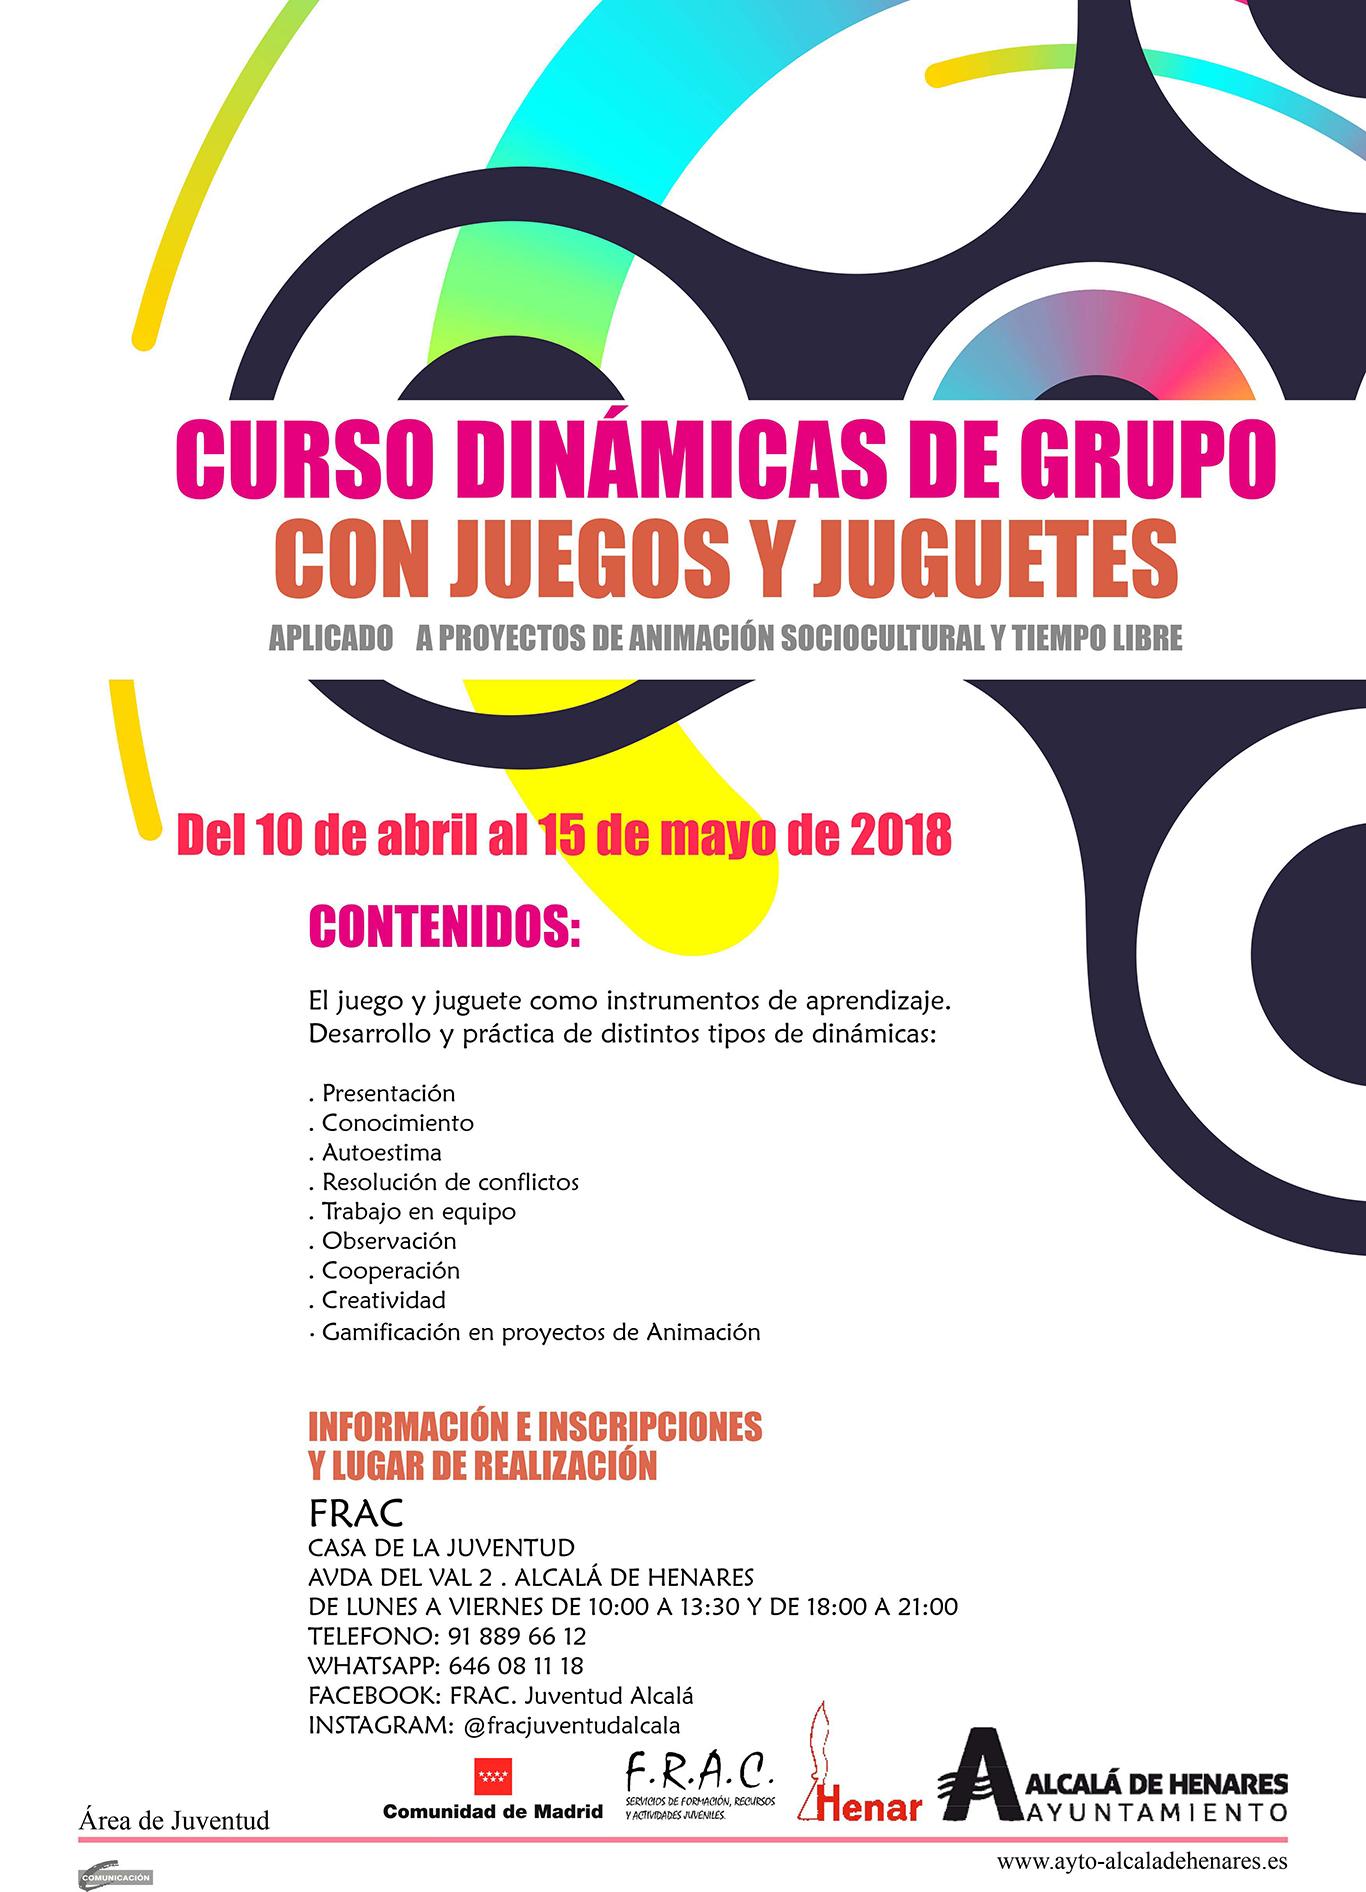 Curso De Dinamicas De Grupo Con Juegos Y Juguetes Dream Alcala